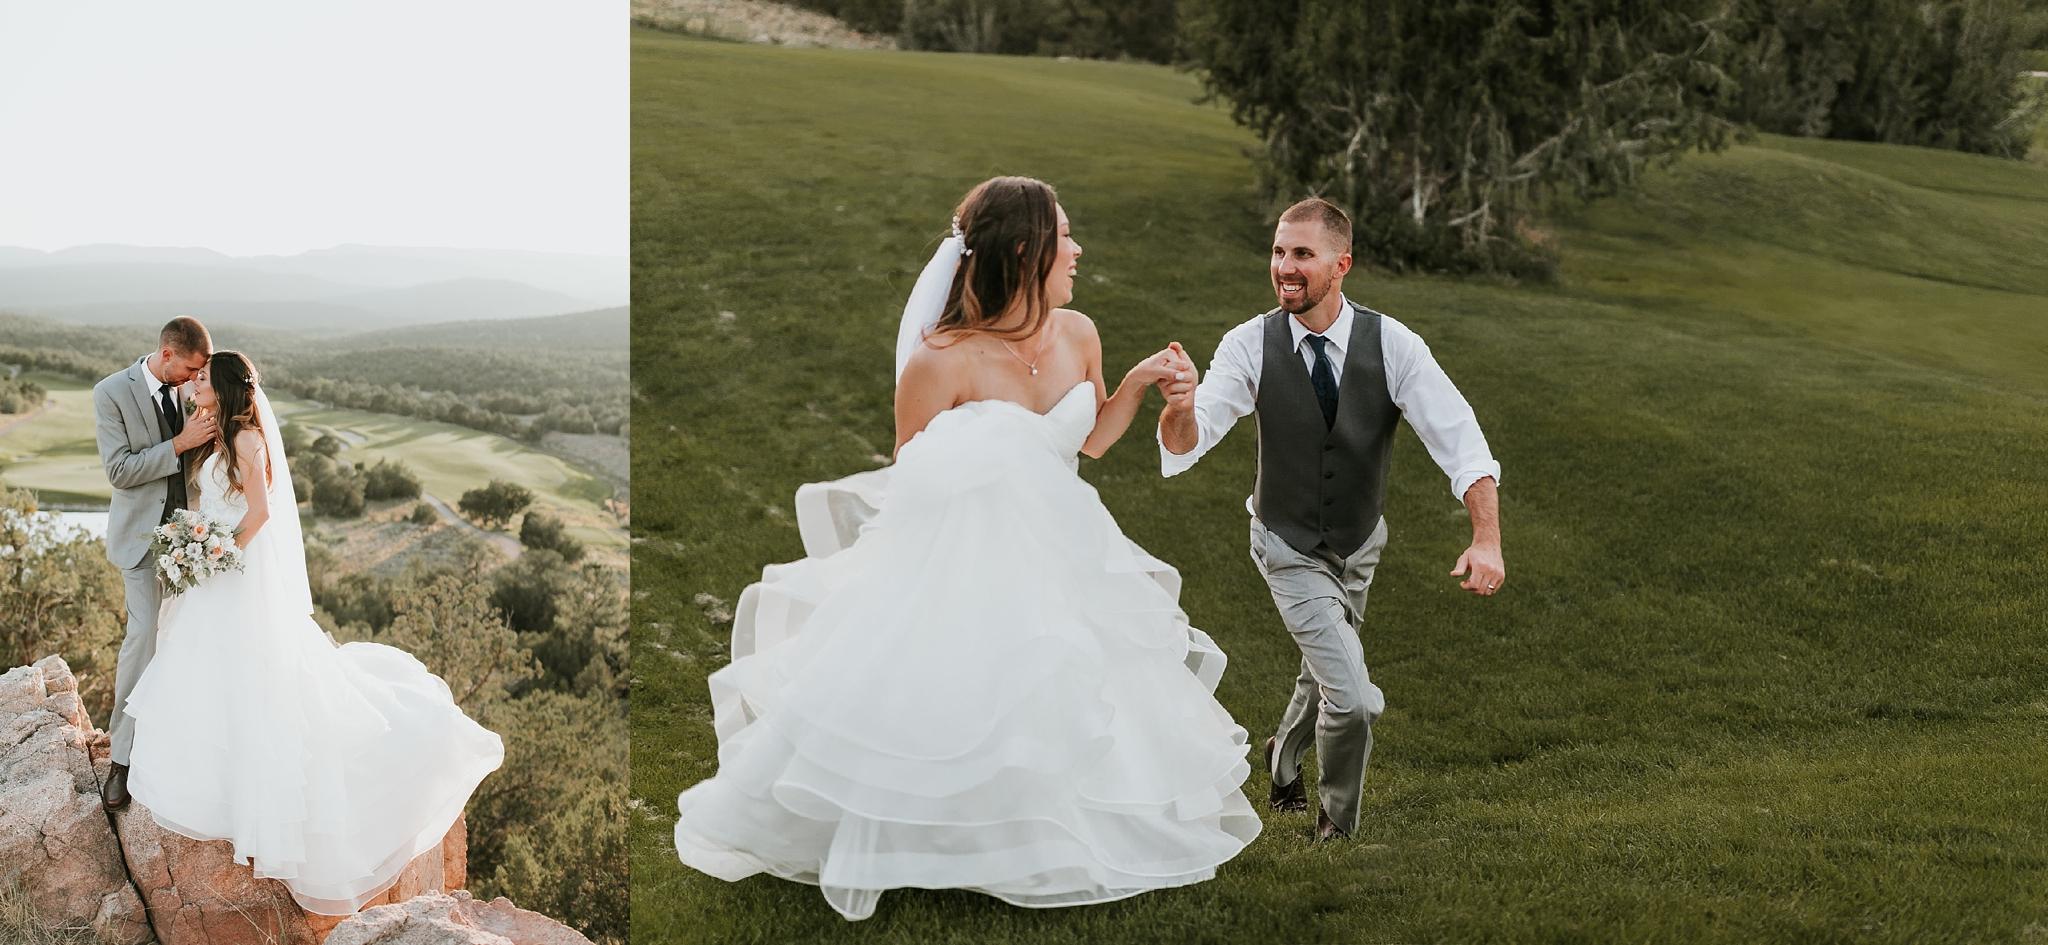 Alicia+lucia+photography+-+albuquerque+wedding+photographer+-+santa+fe+wedding+photography+-+new+mexico+wedding+photographer+-+new+mexico+wedding+-+wedding+photographer+-+wedding+photographer+team_0009.jpg